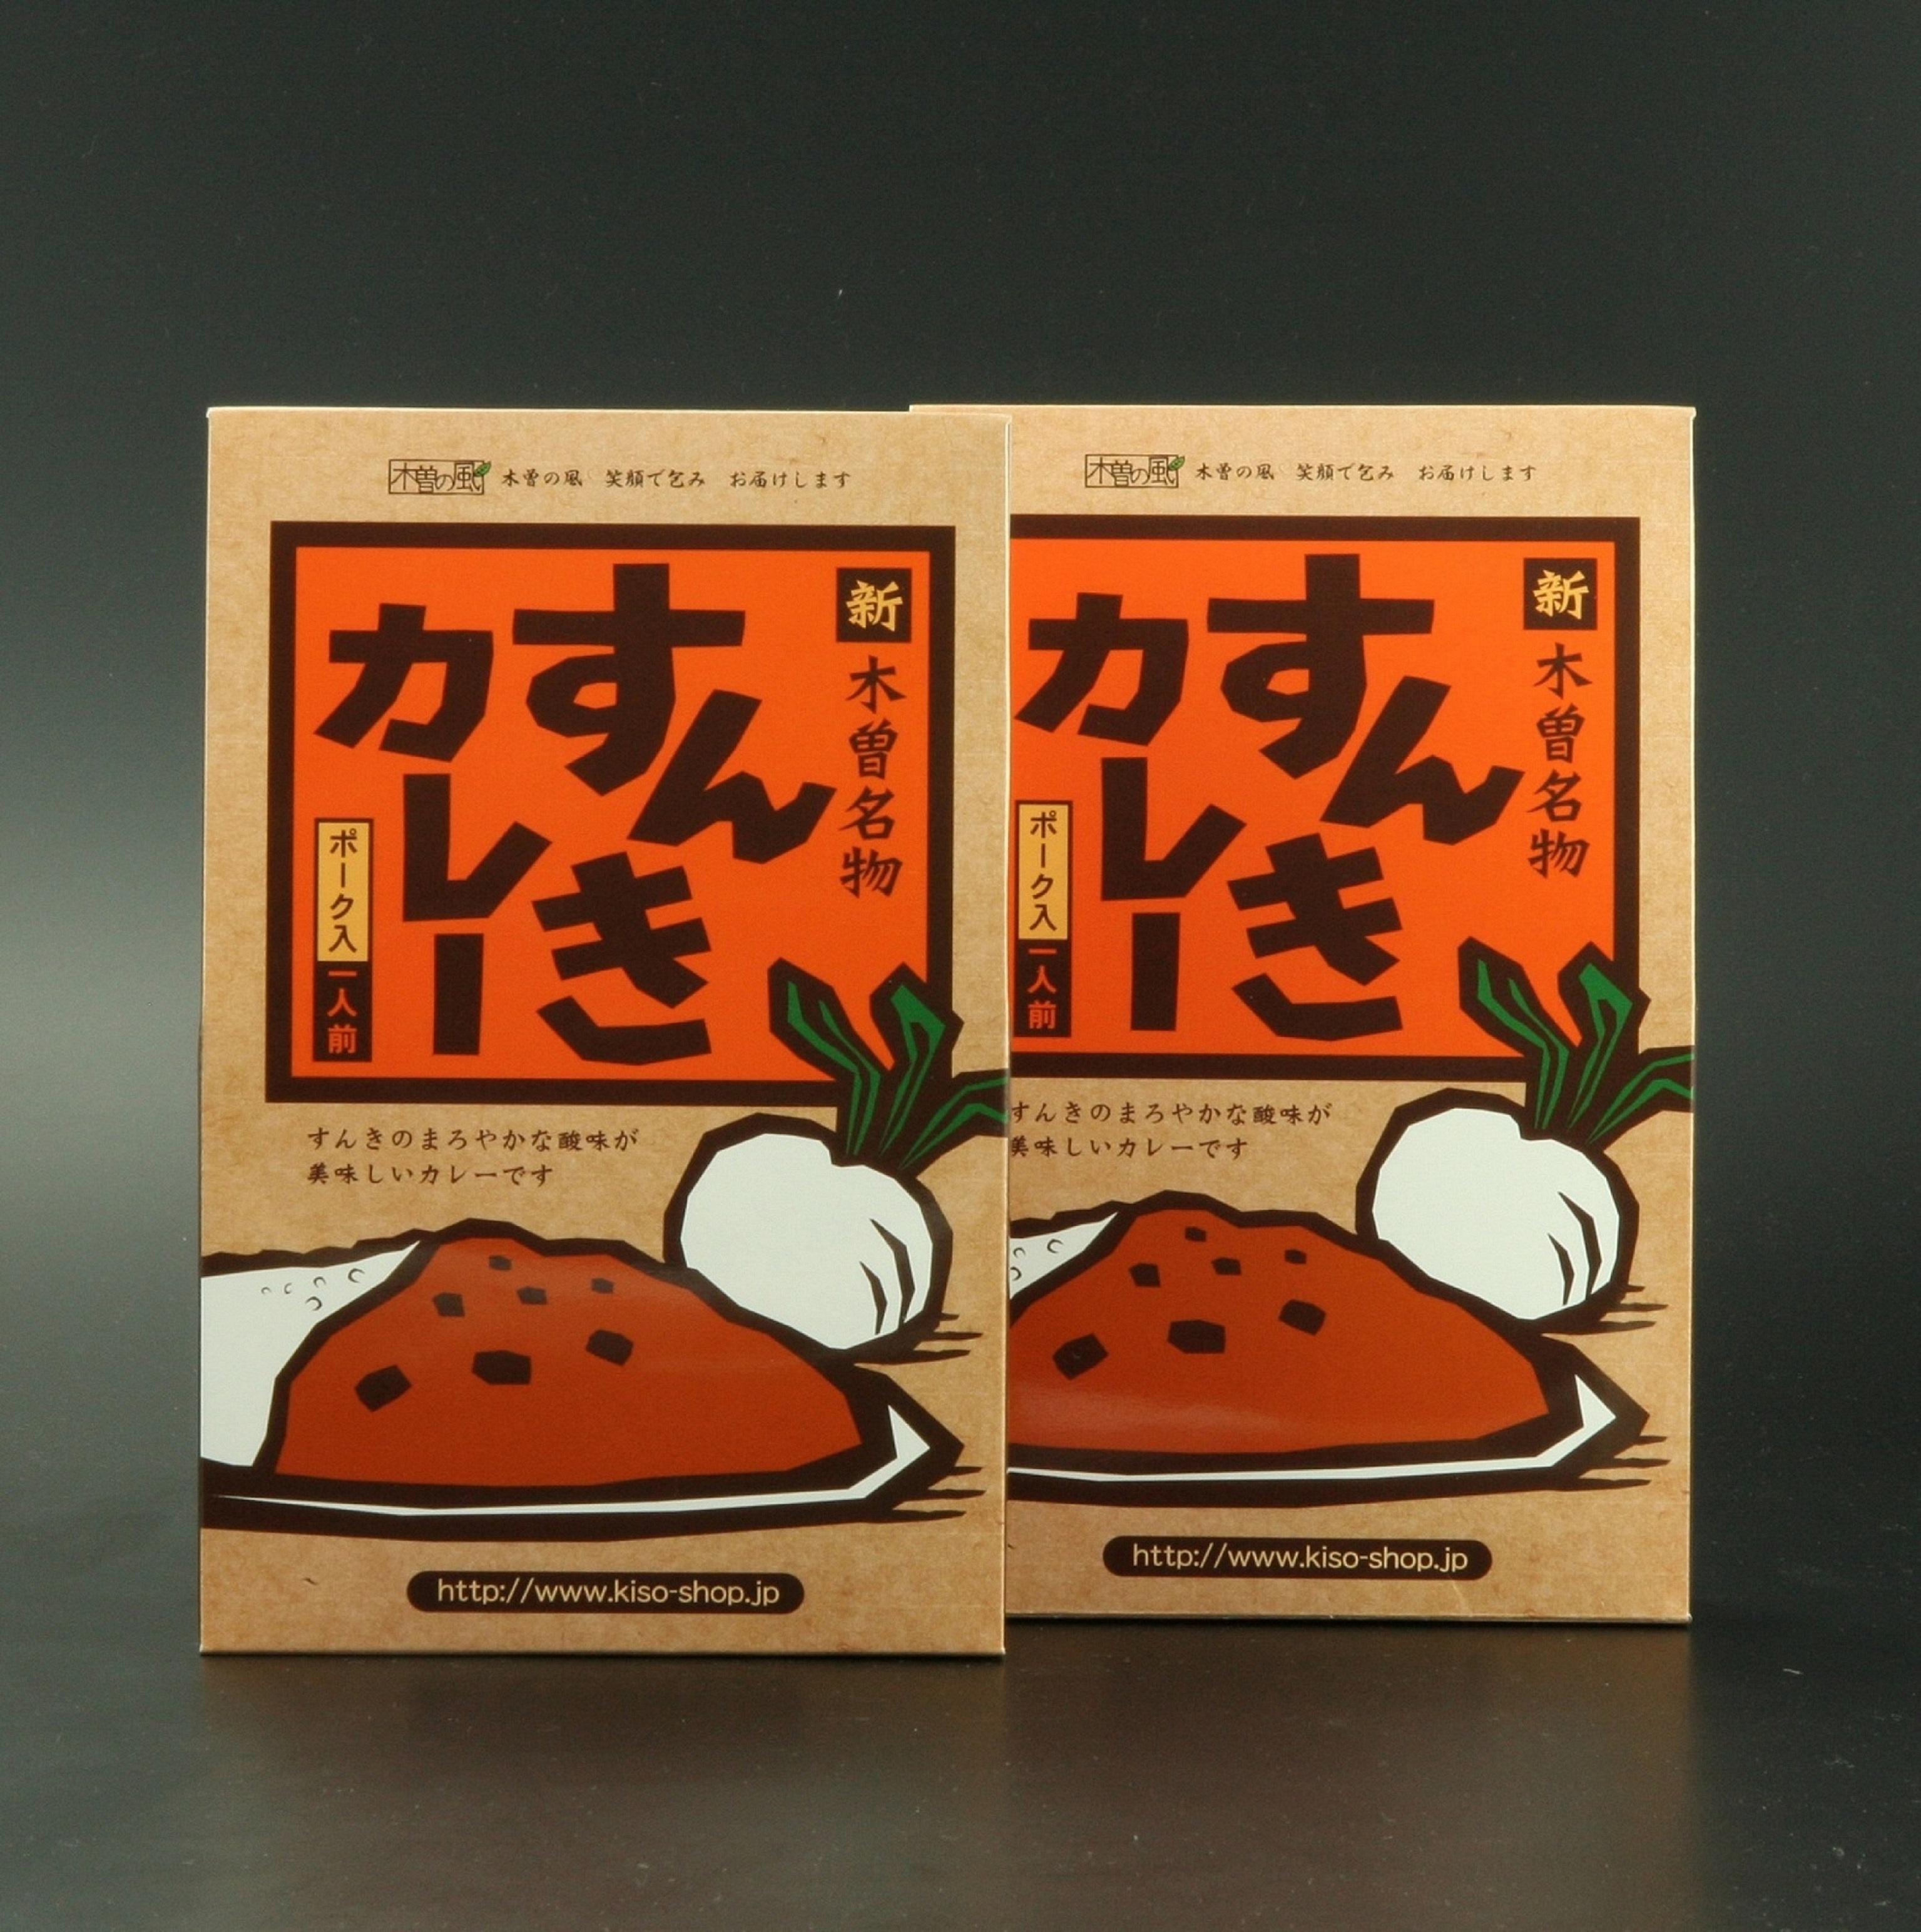 木曽牛カレー&すんきカレーセット